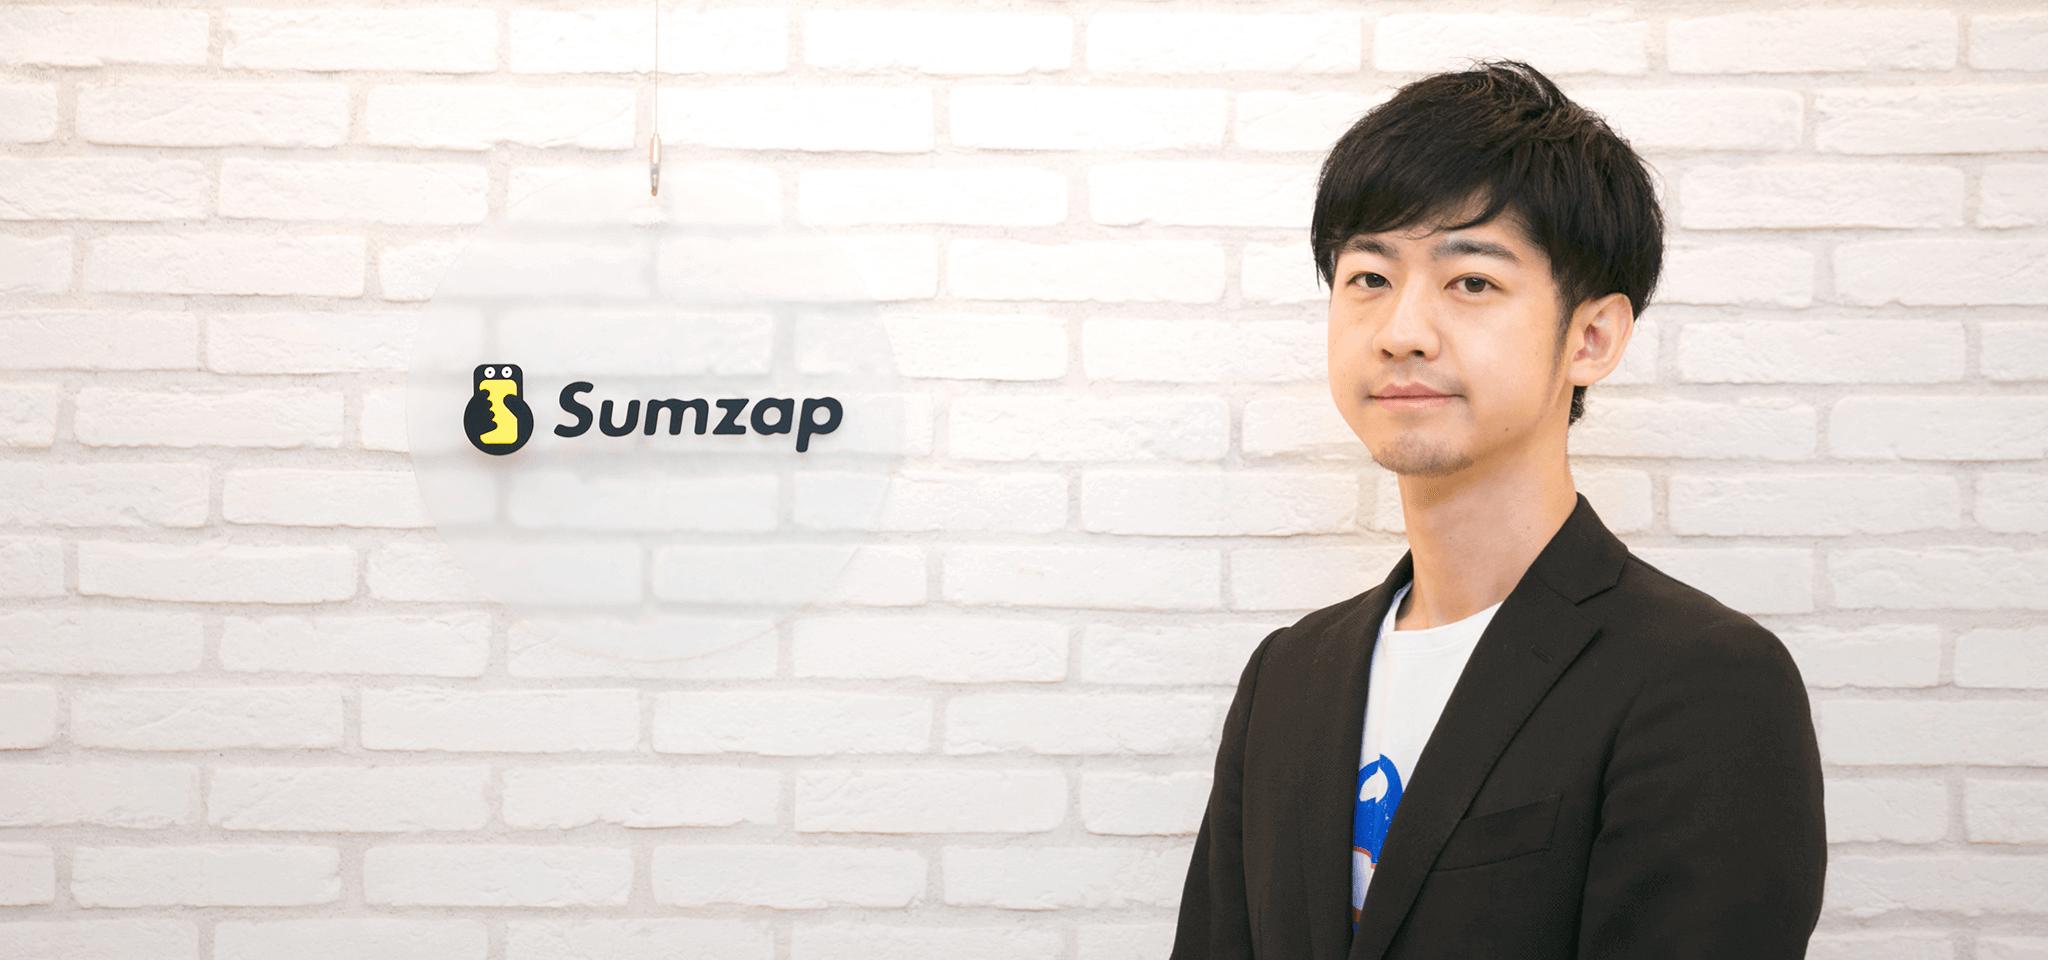 ユーザーに愛される        サービスを作り続ける Chief Executive Officer 代表取締役 桑田 栄顕